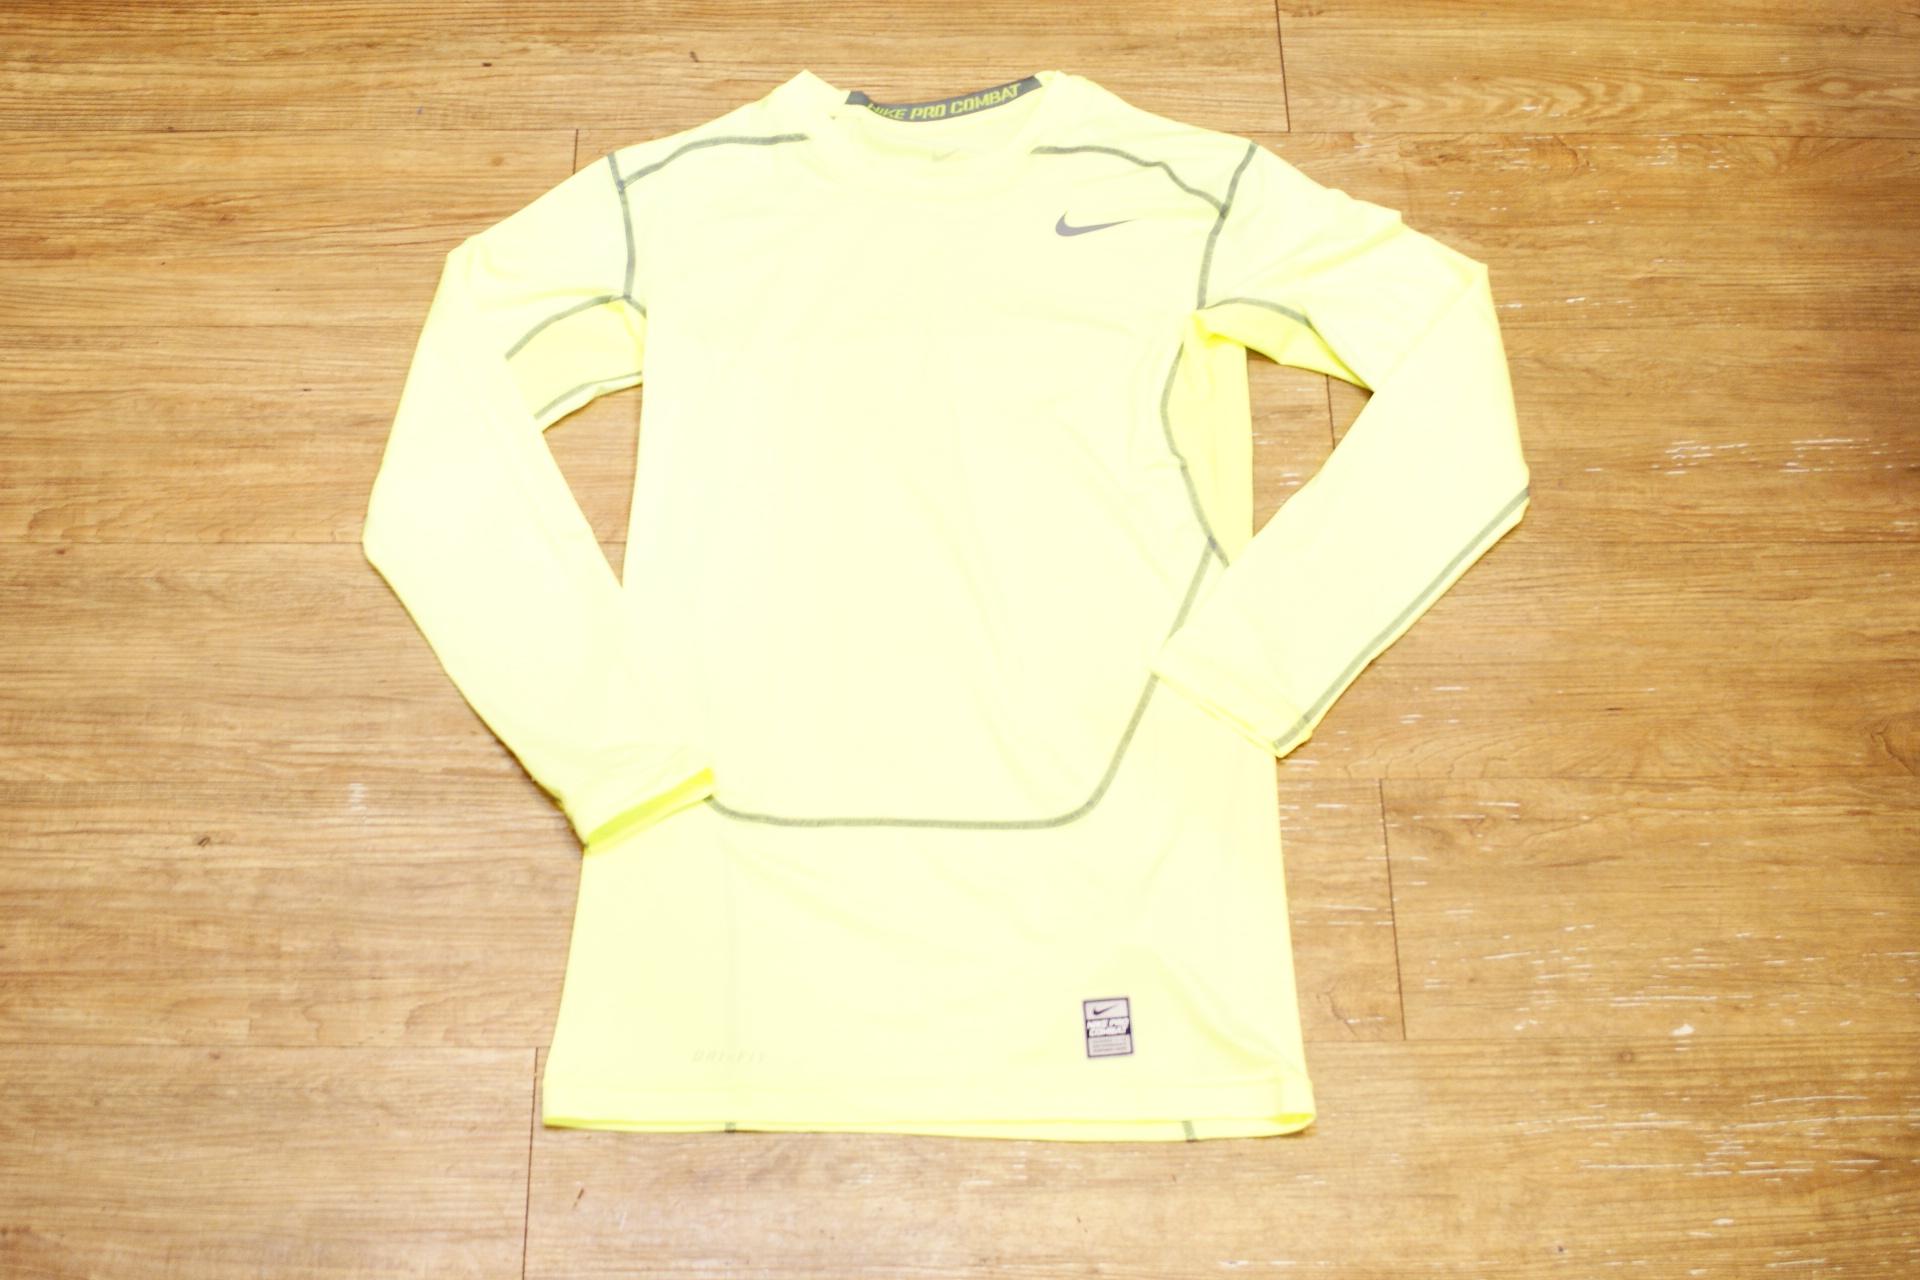 棒球世界 15年nike長袖緊身衣 螢光色款 特價